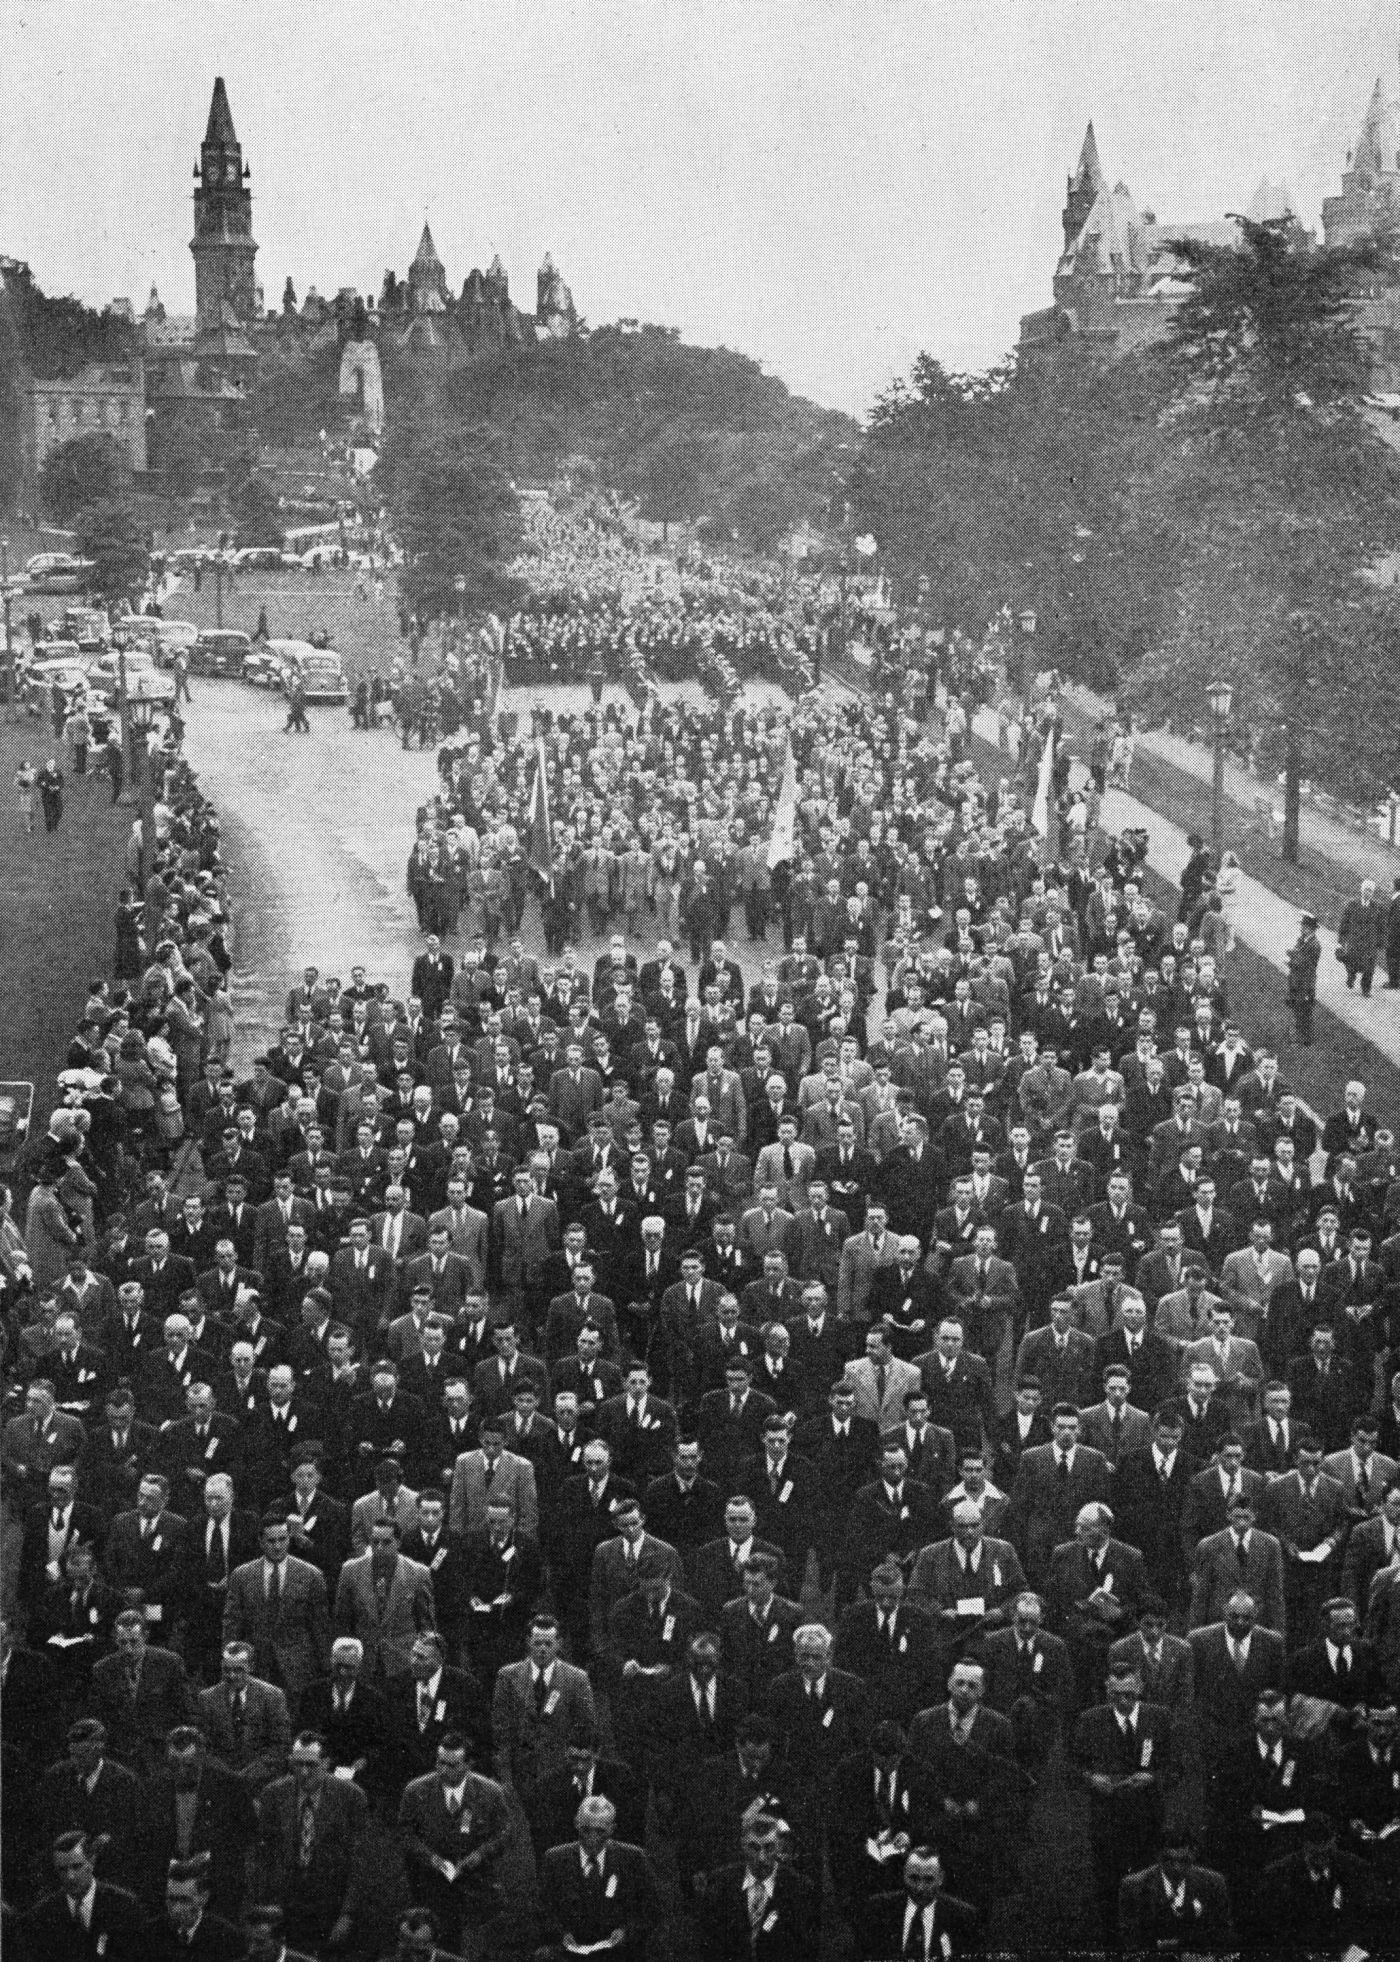 Photographie en noir et blanc d'une imposante procession. Des hommes en costumes et cravates circulent, tenant des livrets pour les uns, des drapeaux pour les autres. Des spectateurs sont massés le long du parcours. Au loin, derrière eux, le Parlement.